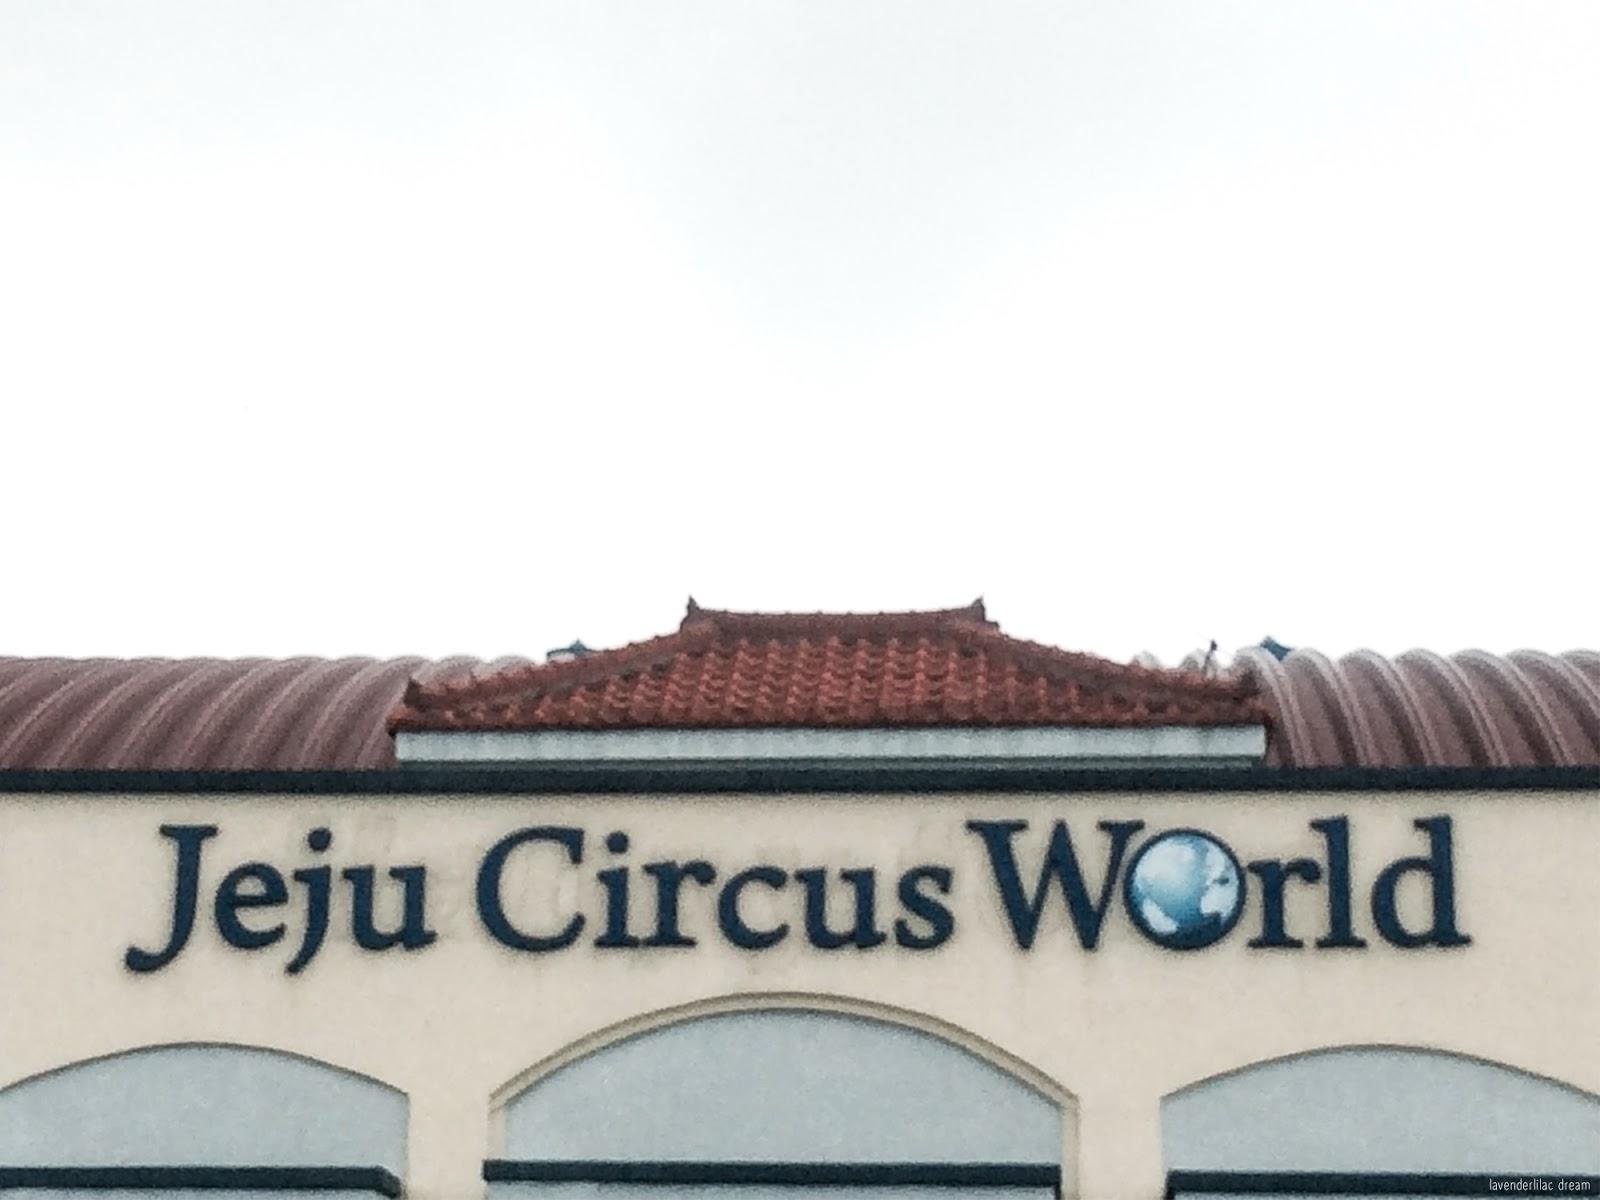 South Korea, Jeju Island, Yonsei University, YISS 2014, Jeju Circus World